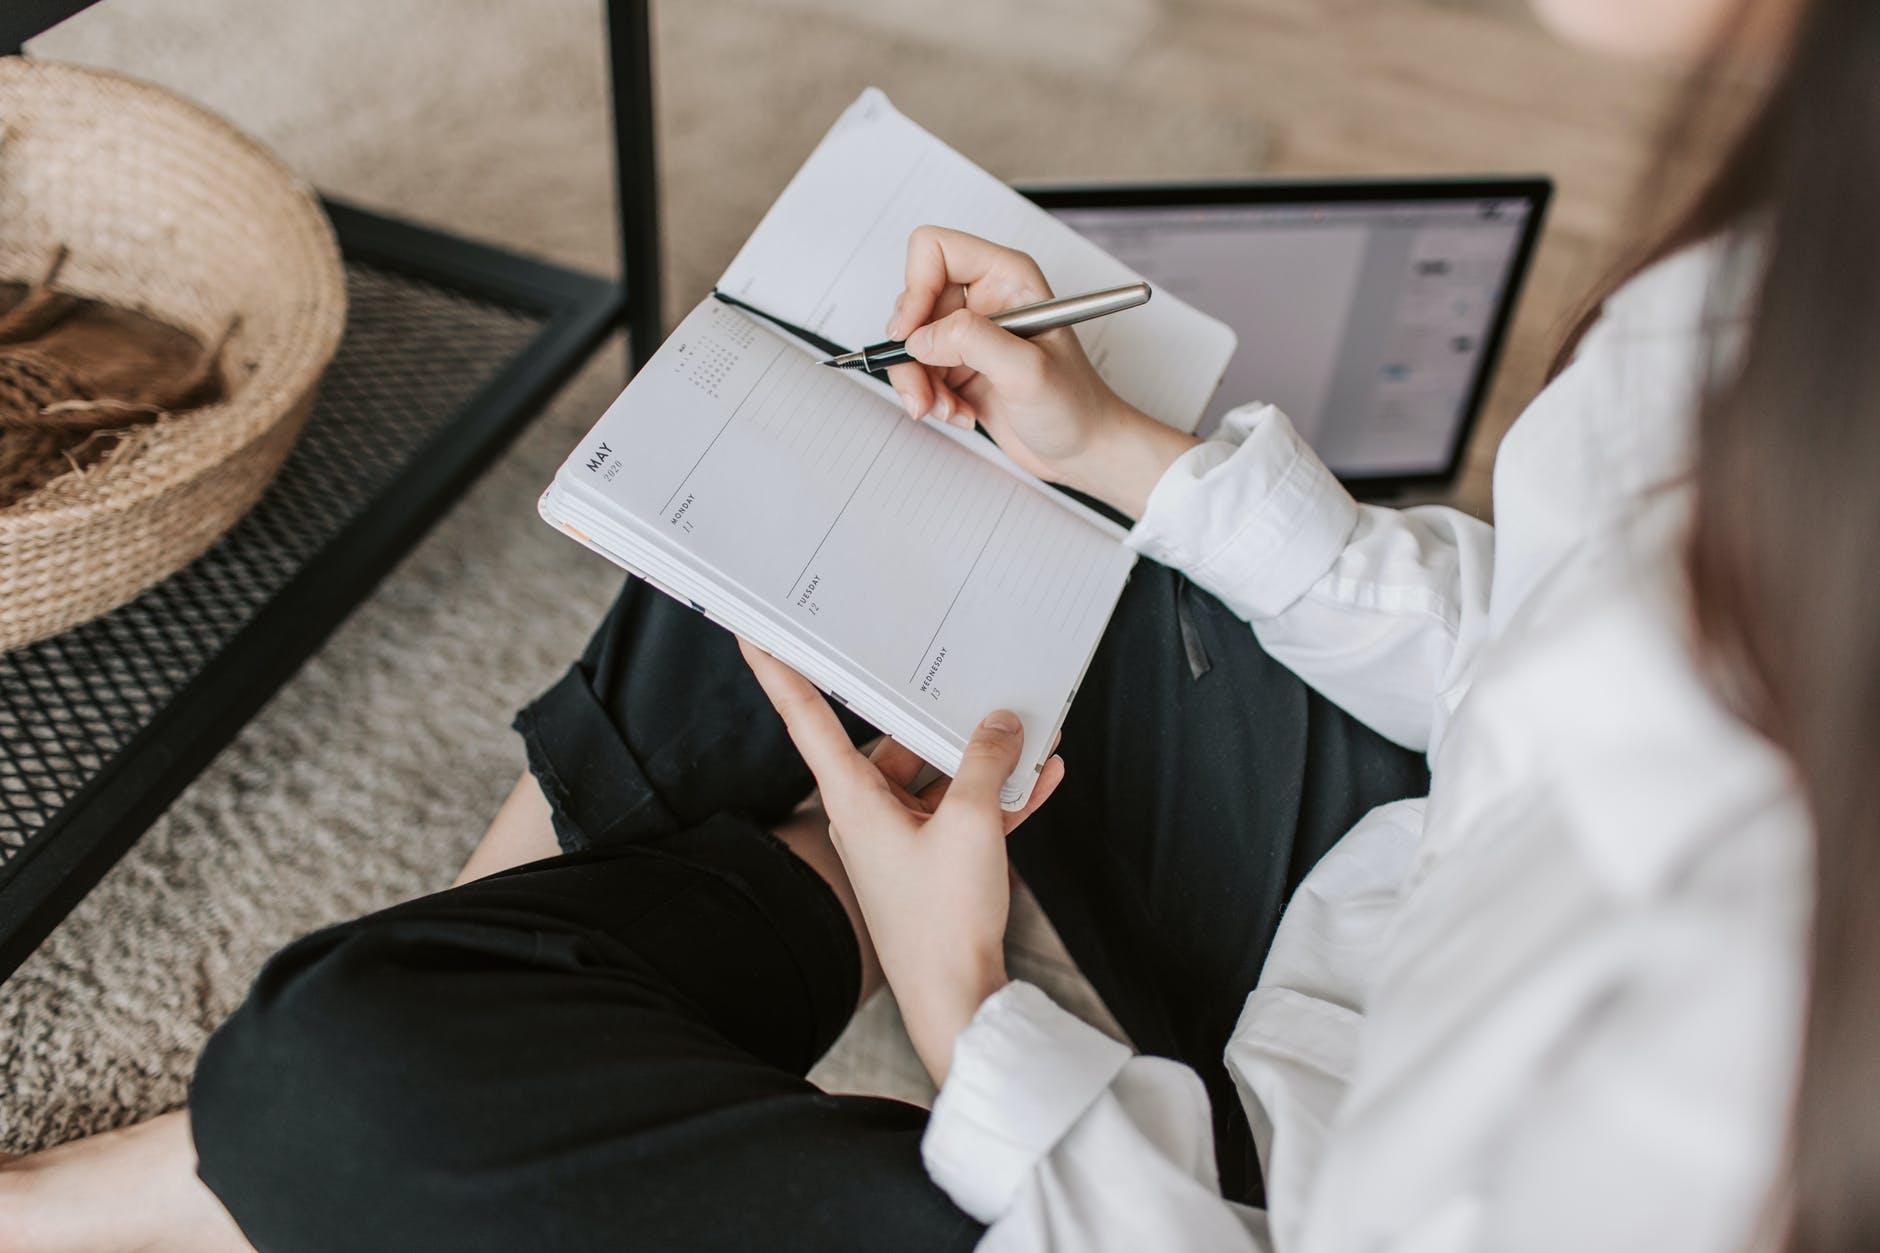 Mayores de 50 años: Accenture premia un artículo periodístico sobre los excluidos invisibles del mercado laboral